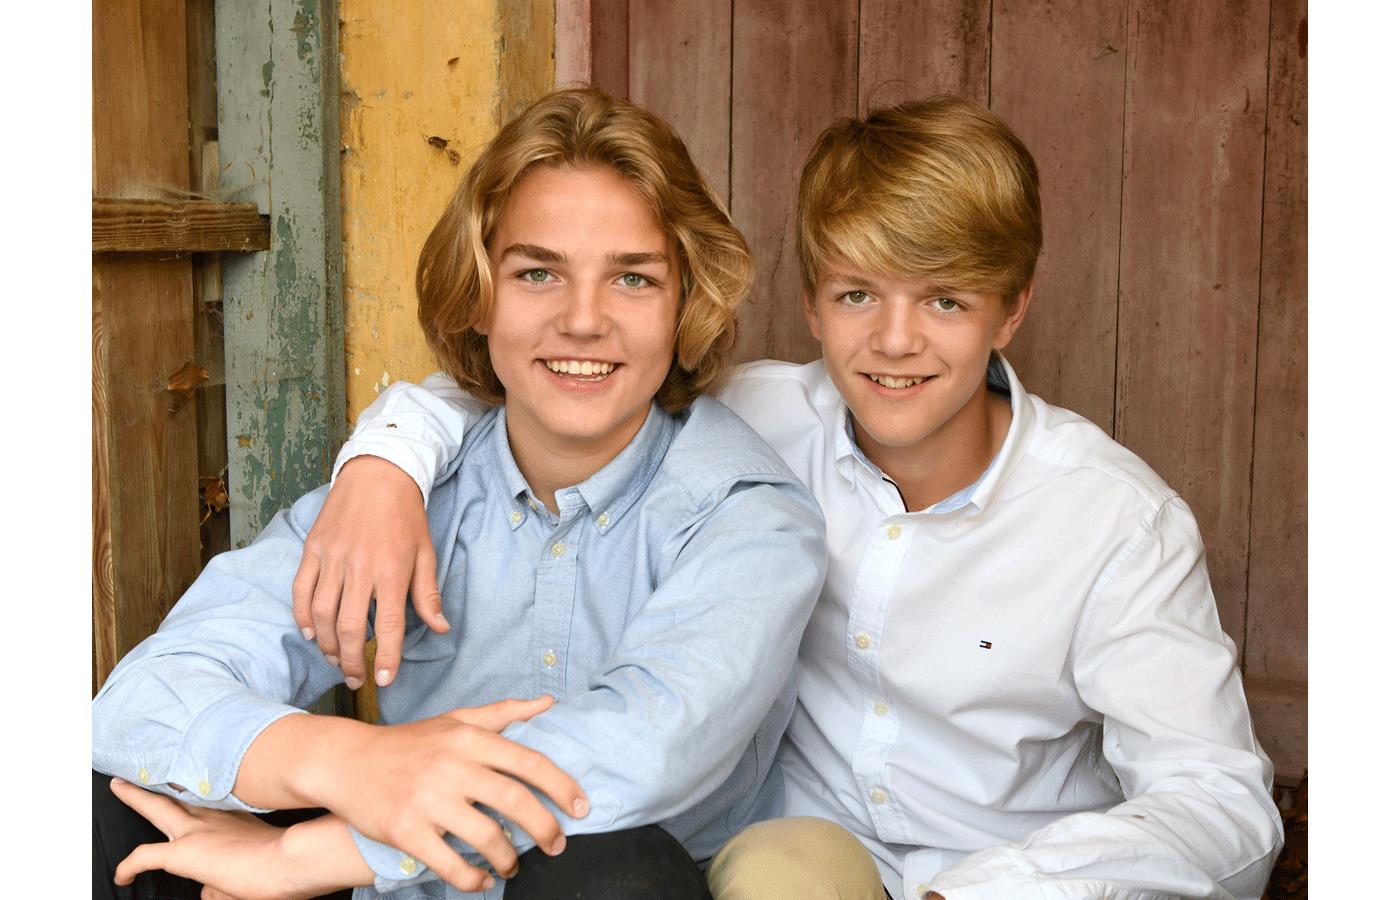 Søskende billeder er populære gaver